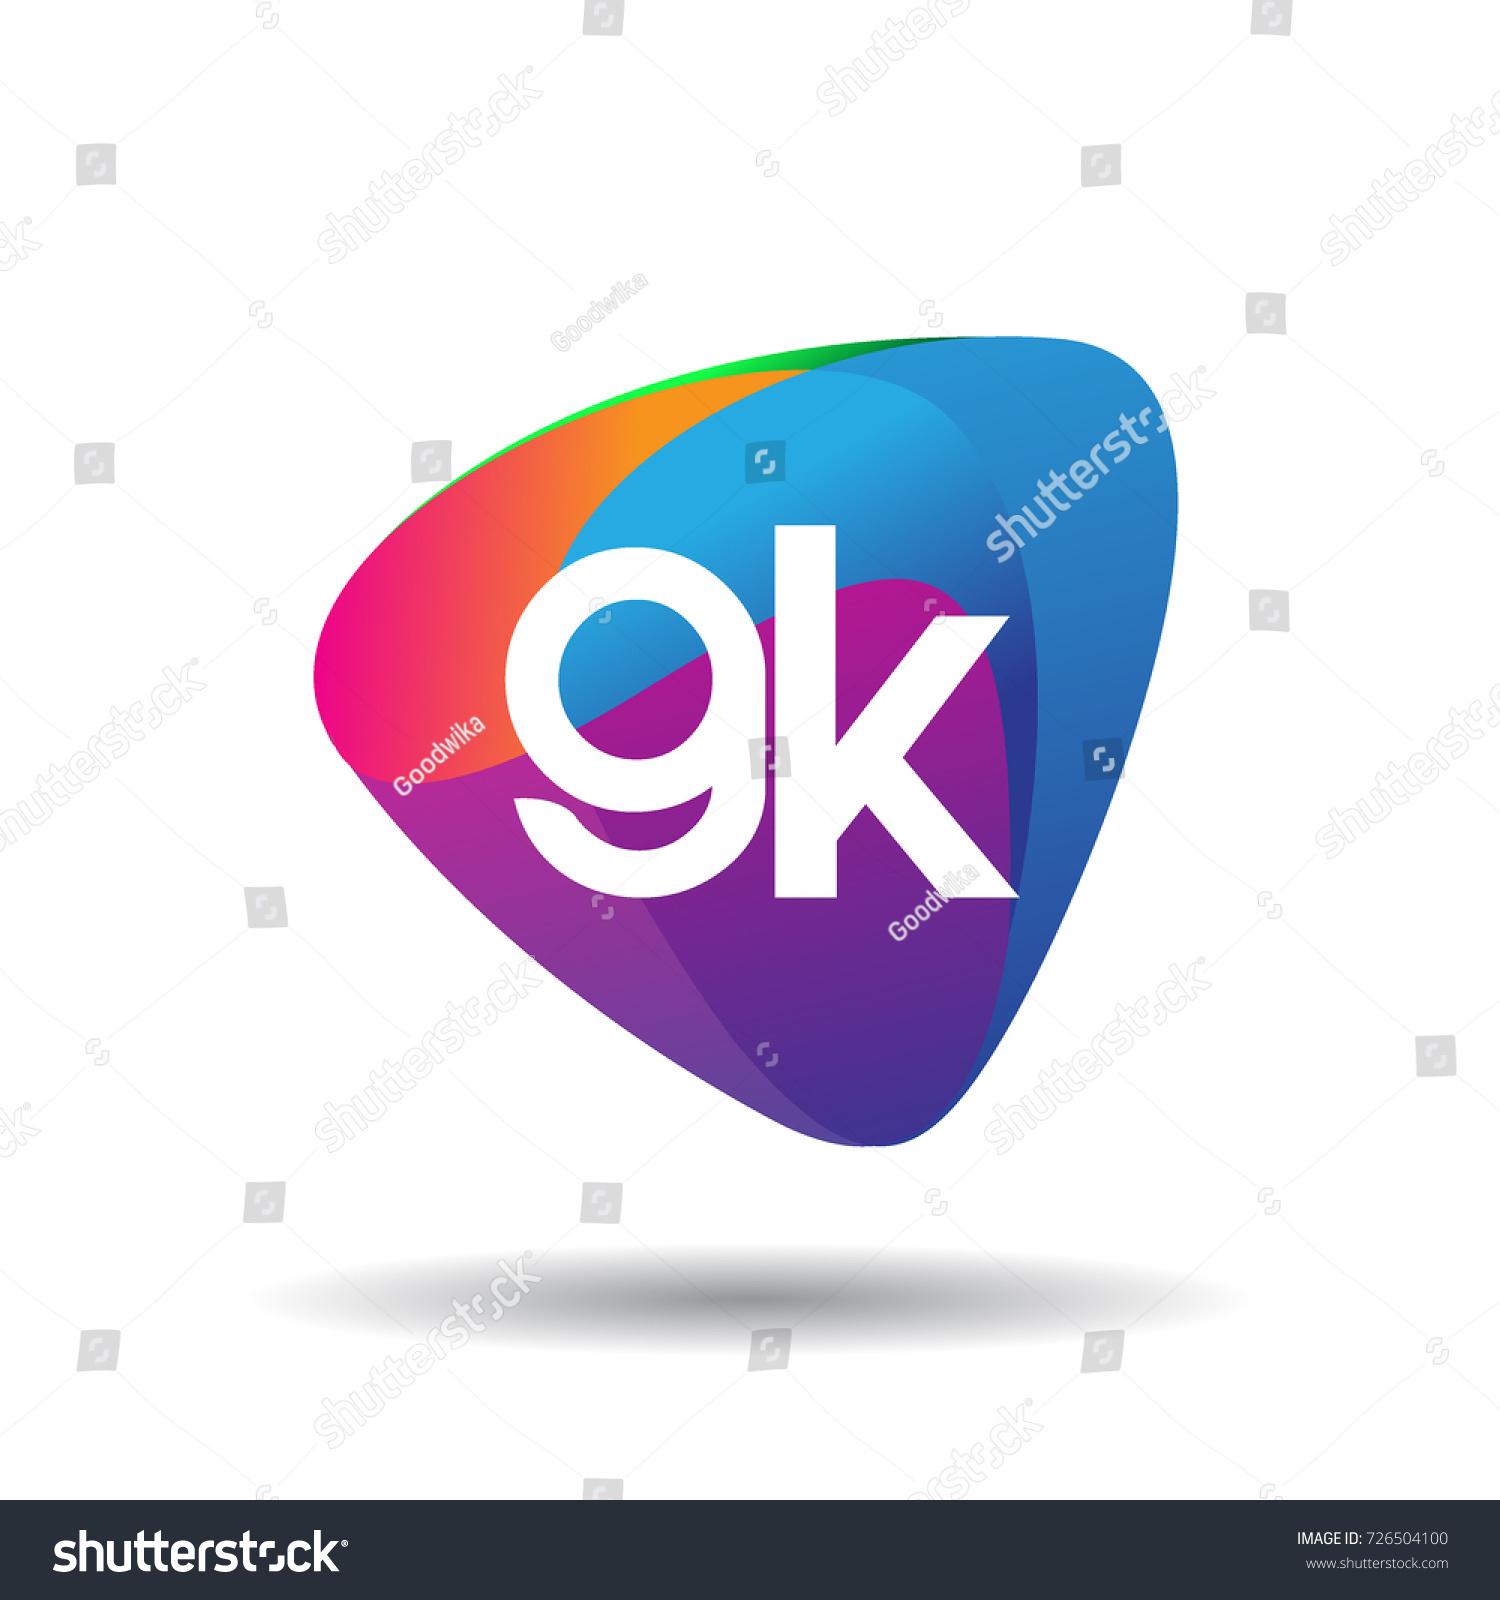 letter gk logo colorful splash background stock vector 2018 rh shutterstock com gk graphic design